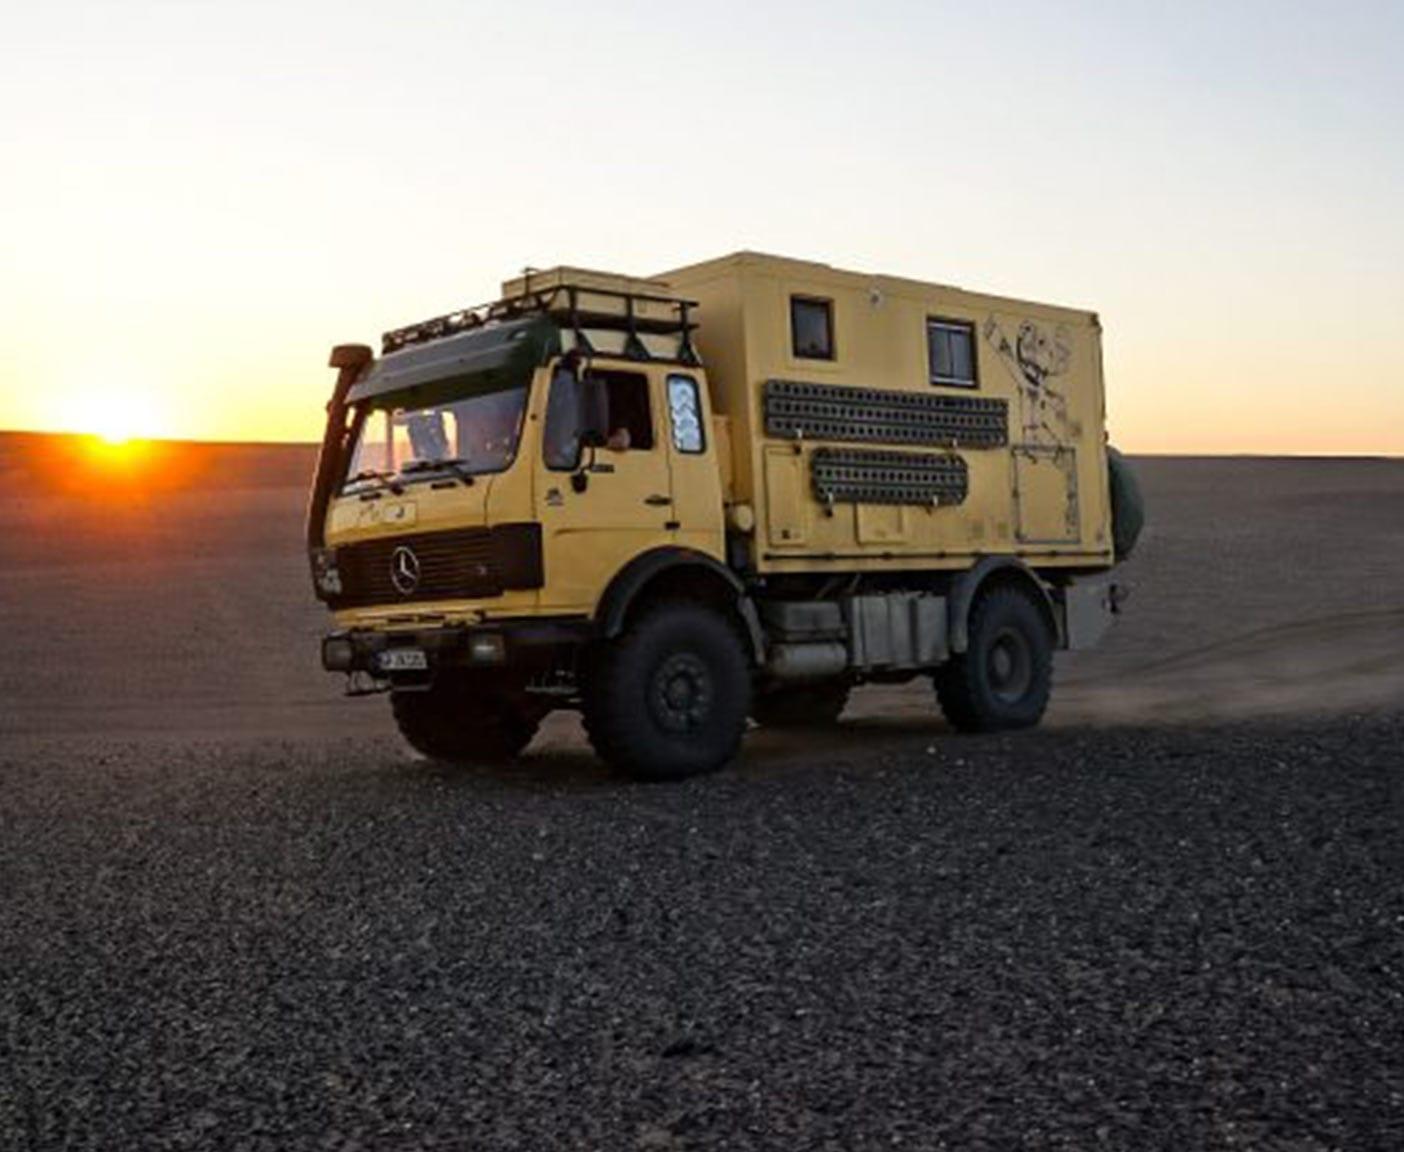 mercedes-1622-benz1017-expeditionsmobil-gebraucht-hersteller-mieten-4x4-zu-verkaufen-weltreise-expeditionsmobil-2